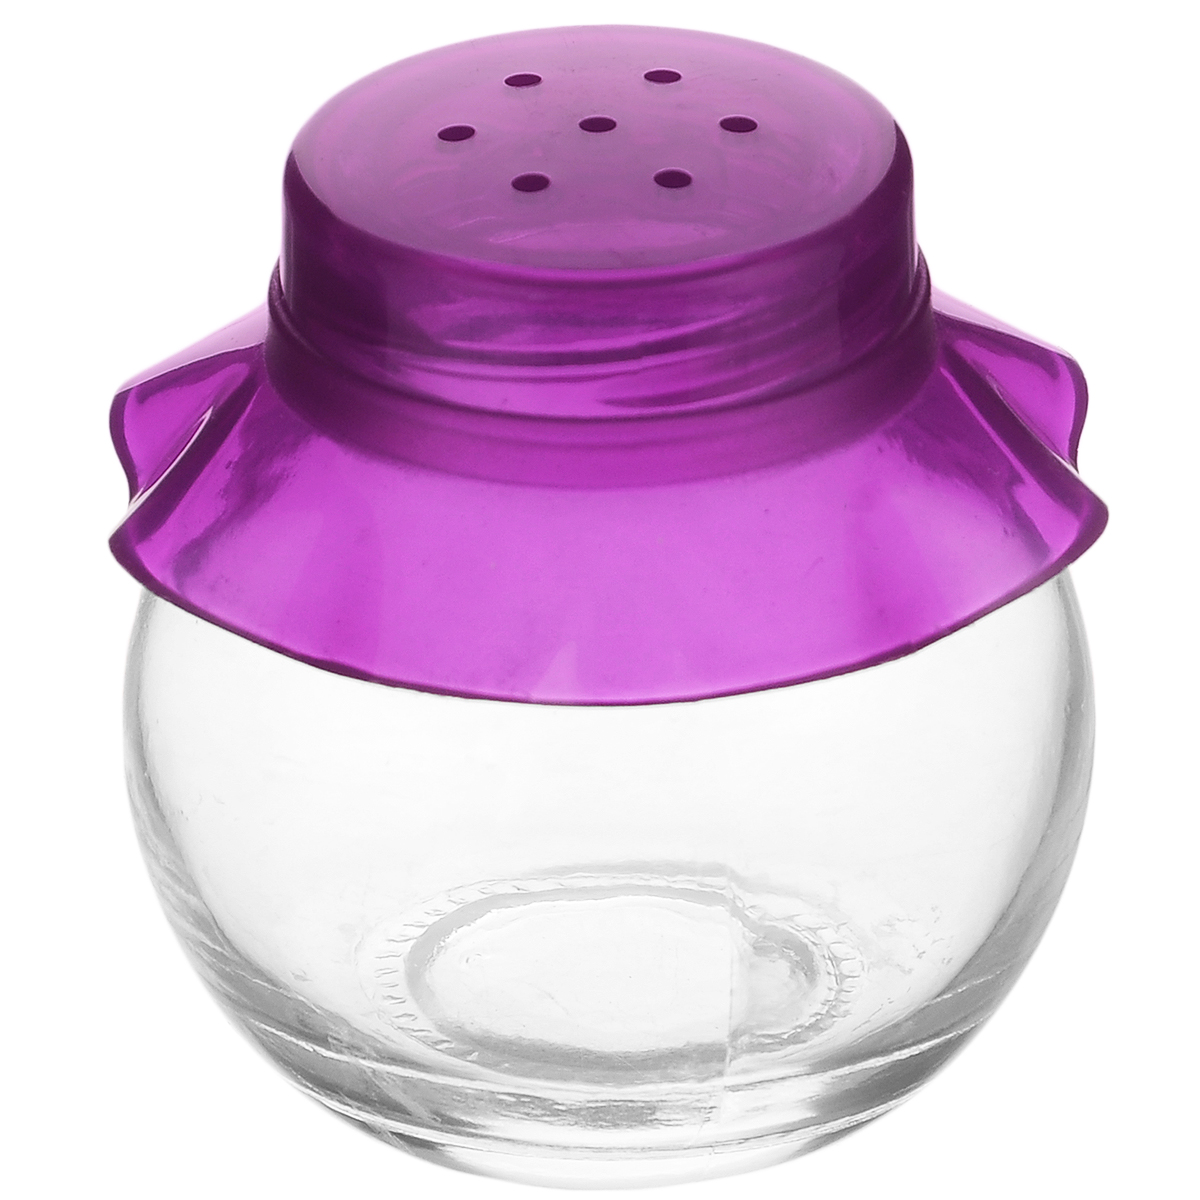 Банка для специй Herevin, цвет: фиолетовый, 60 мл. 121051-0001407-111Банка для специй Herevin выполнена из прозрачного стекла и оснащена пластиковой цветной крышкой с отверстиями, благодаря которым, вы сможете приправить блюда, просто перевернув банку. Крышка легко откручивается, благодаря чему засыпать приправу внутрь очень просто. Такая баночка станет достойным дополнением к вашему кухонному инвентарю. Можно мыть в посудомоечной машине.Объем: 60 мл.Диаметр (по верхнему краю): 2,5 см.Высота банки (без учета крышки): 5,5 см.